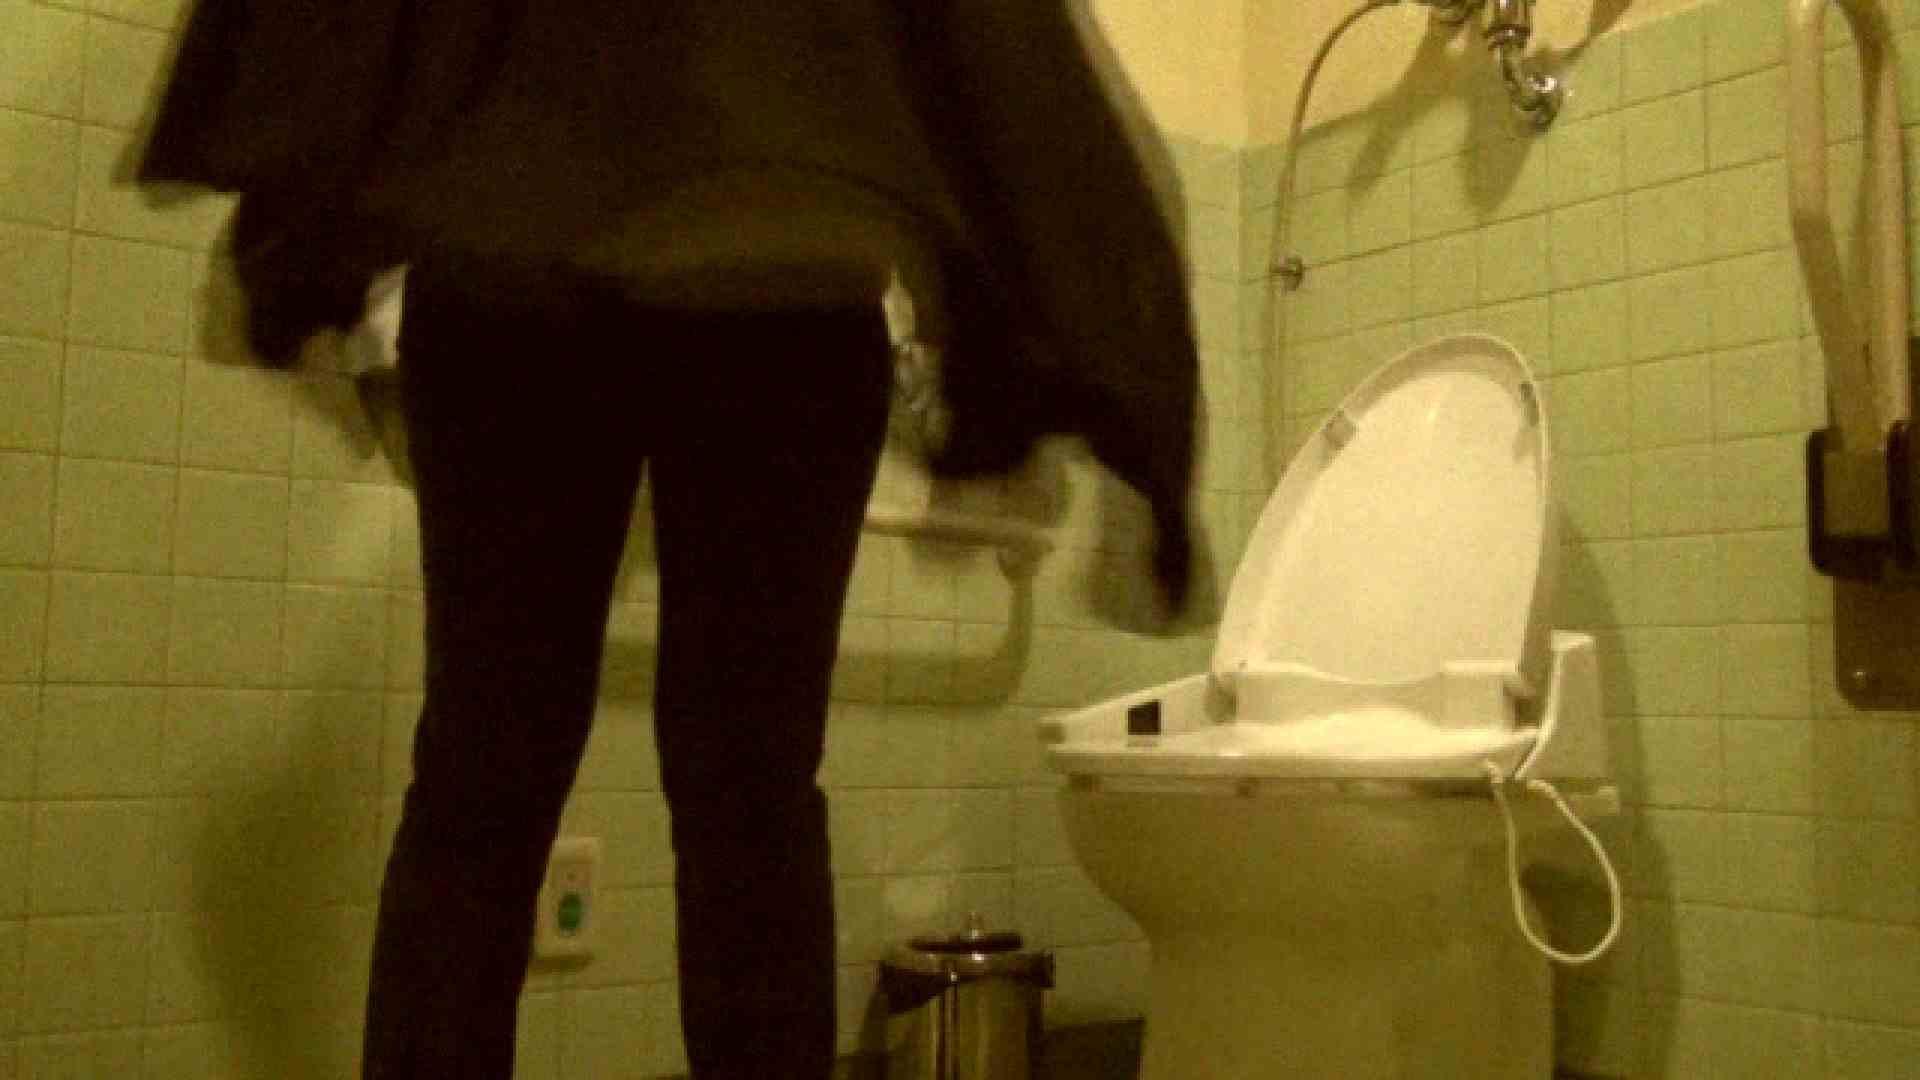 魔術師の お・も・て・な・し vol.26 19歳のバーの店員さんの洗面所をしばし… OLの実態   イタズラ  90pic 16